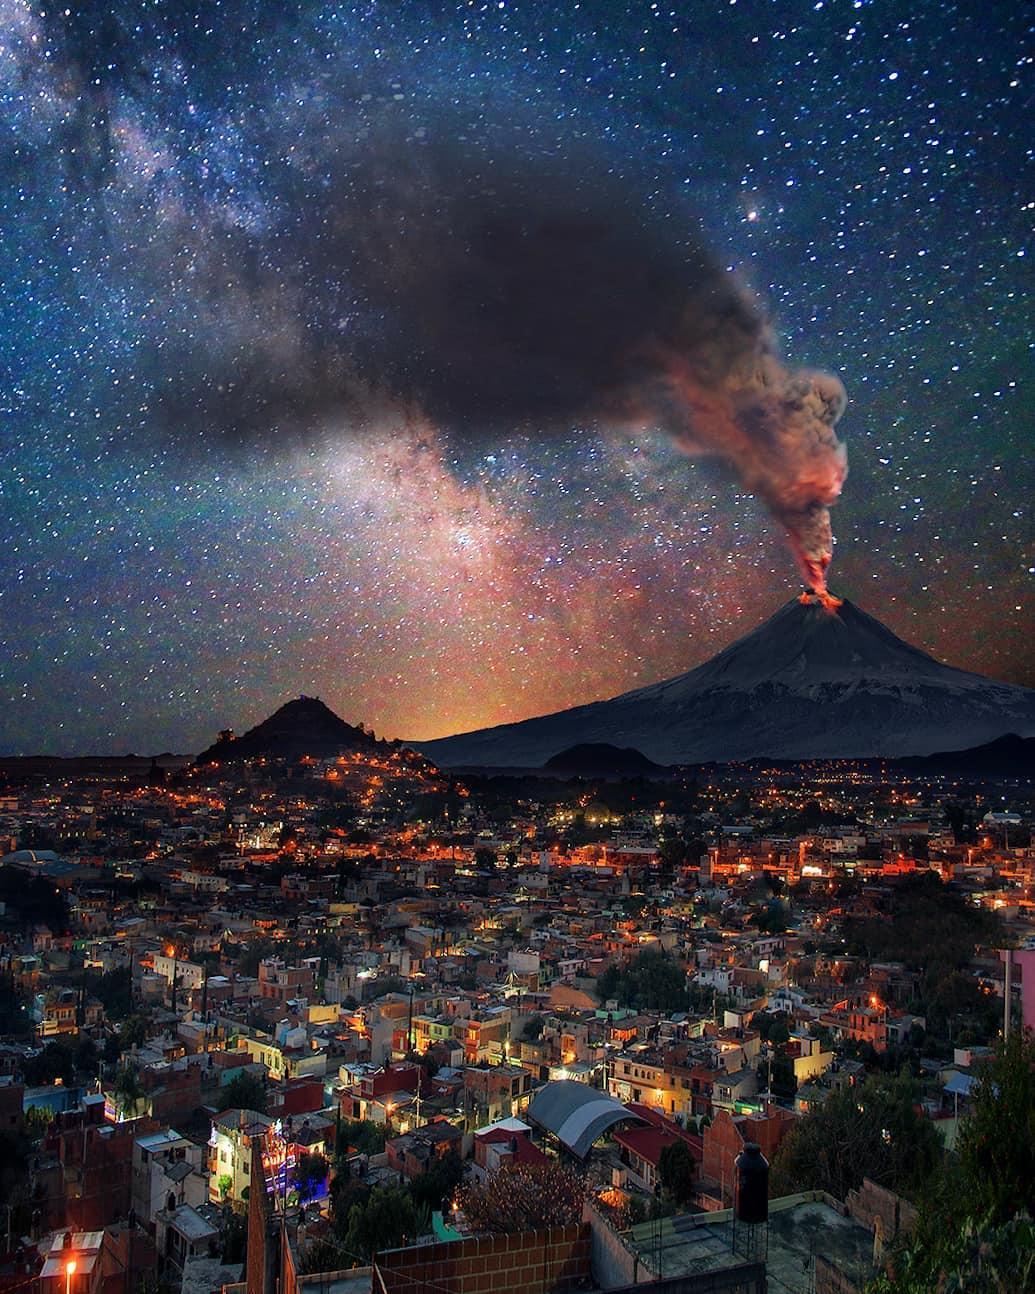 Извержение вулкана в Мексике / www.instagram.com/_israelphotography_/